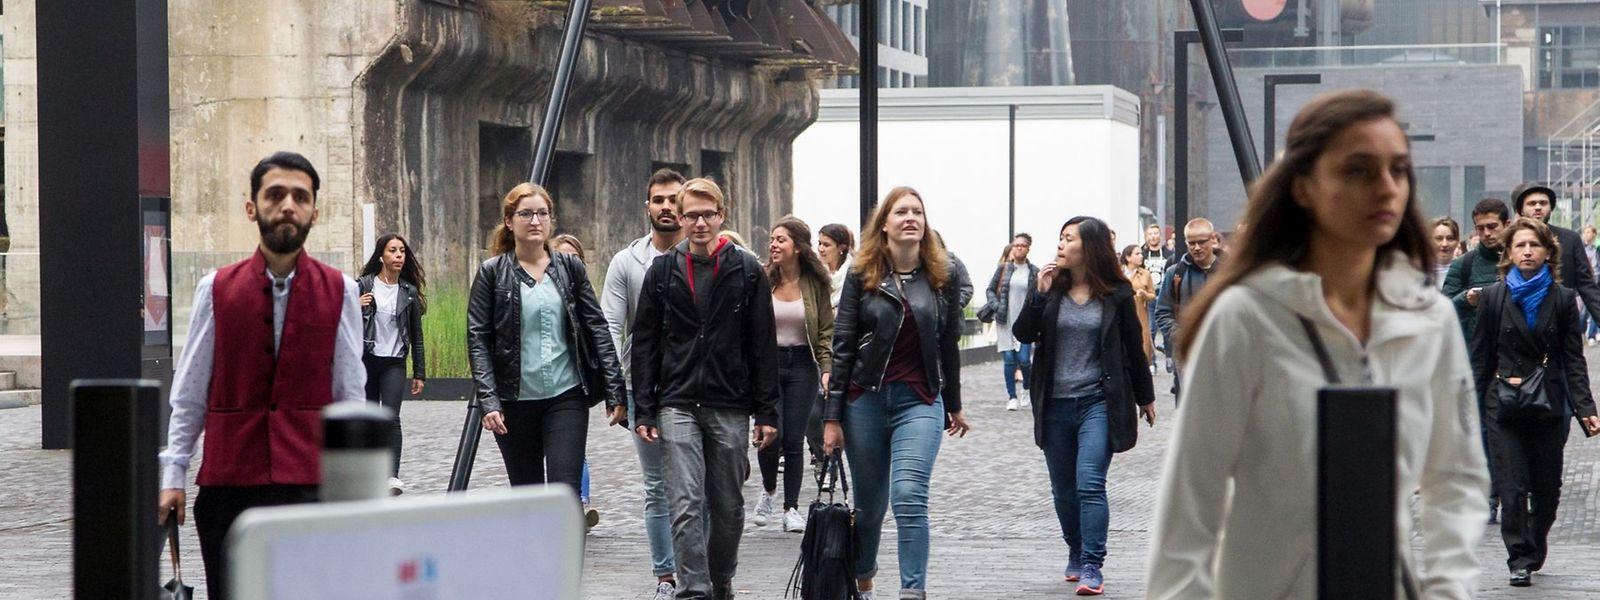 Die Universität Luxemburg ist weiterhin attraktiv für junge Luxemburger – allerdings stehen vor allem deutsche Universitäten, aber auch der Standort Brüssel hoch im Kurs.